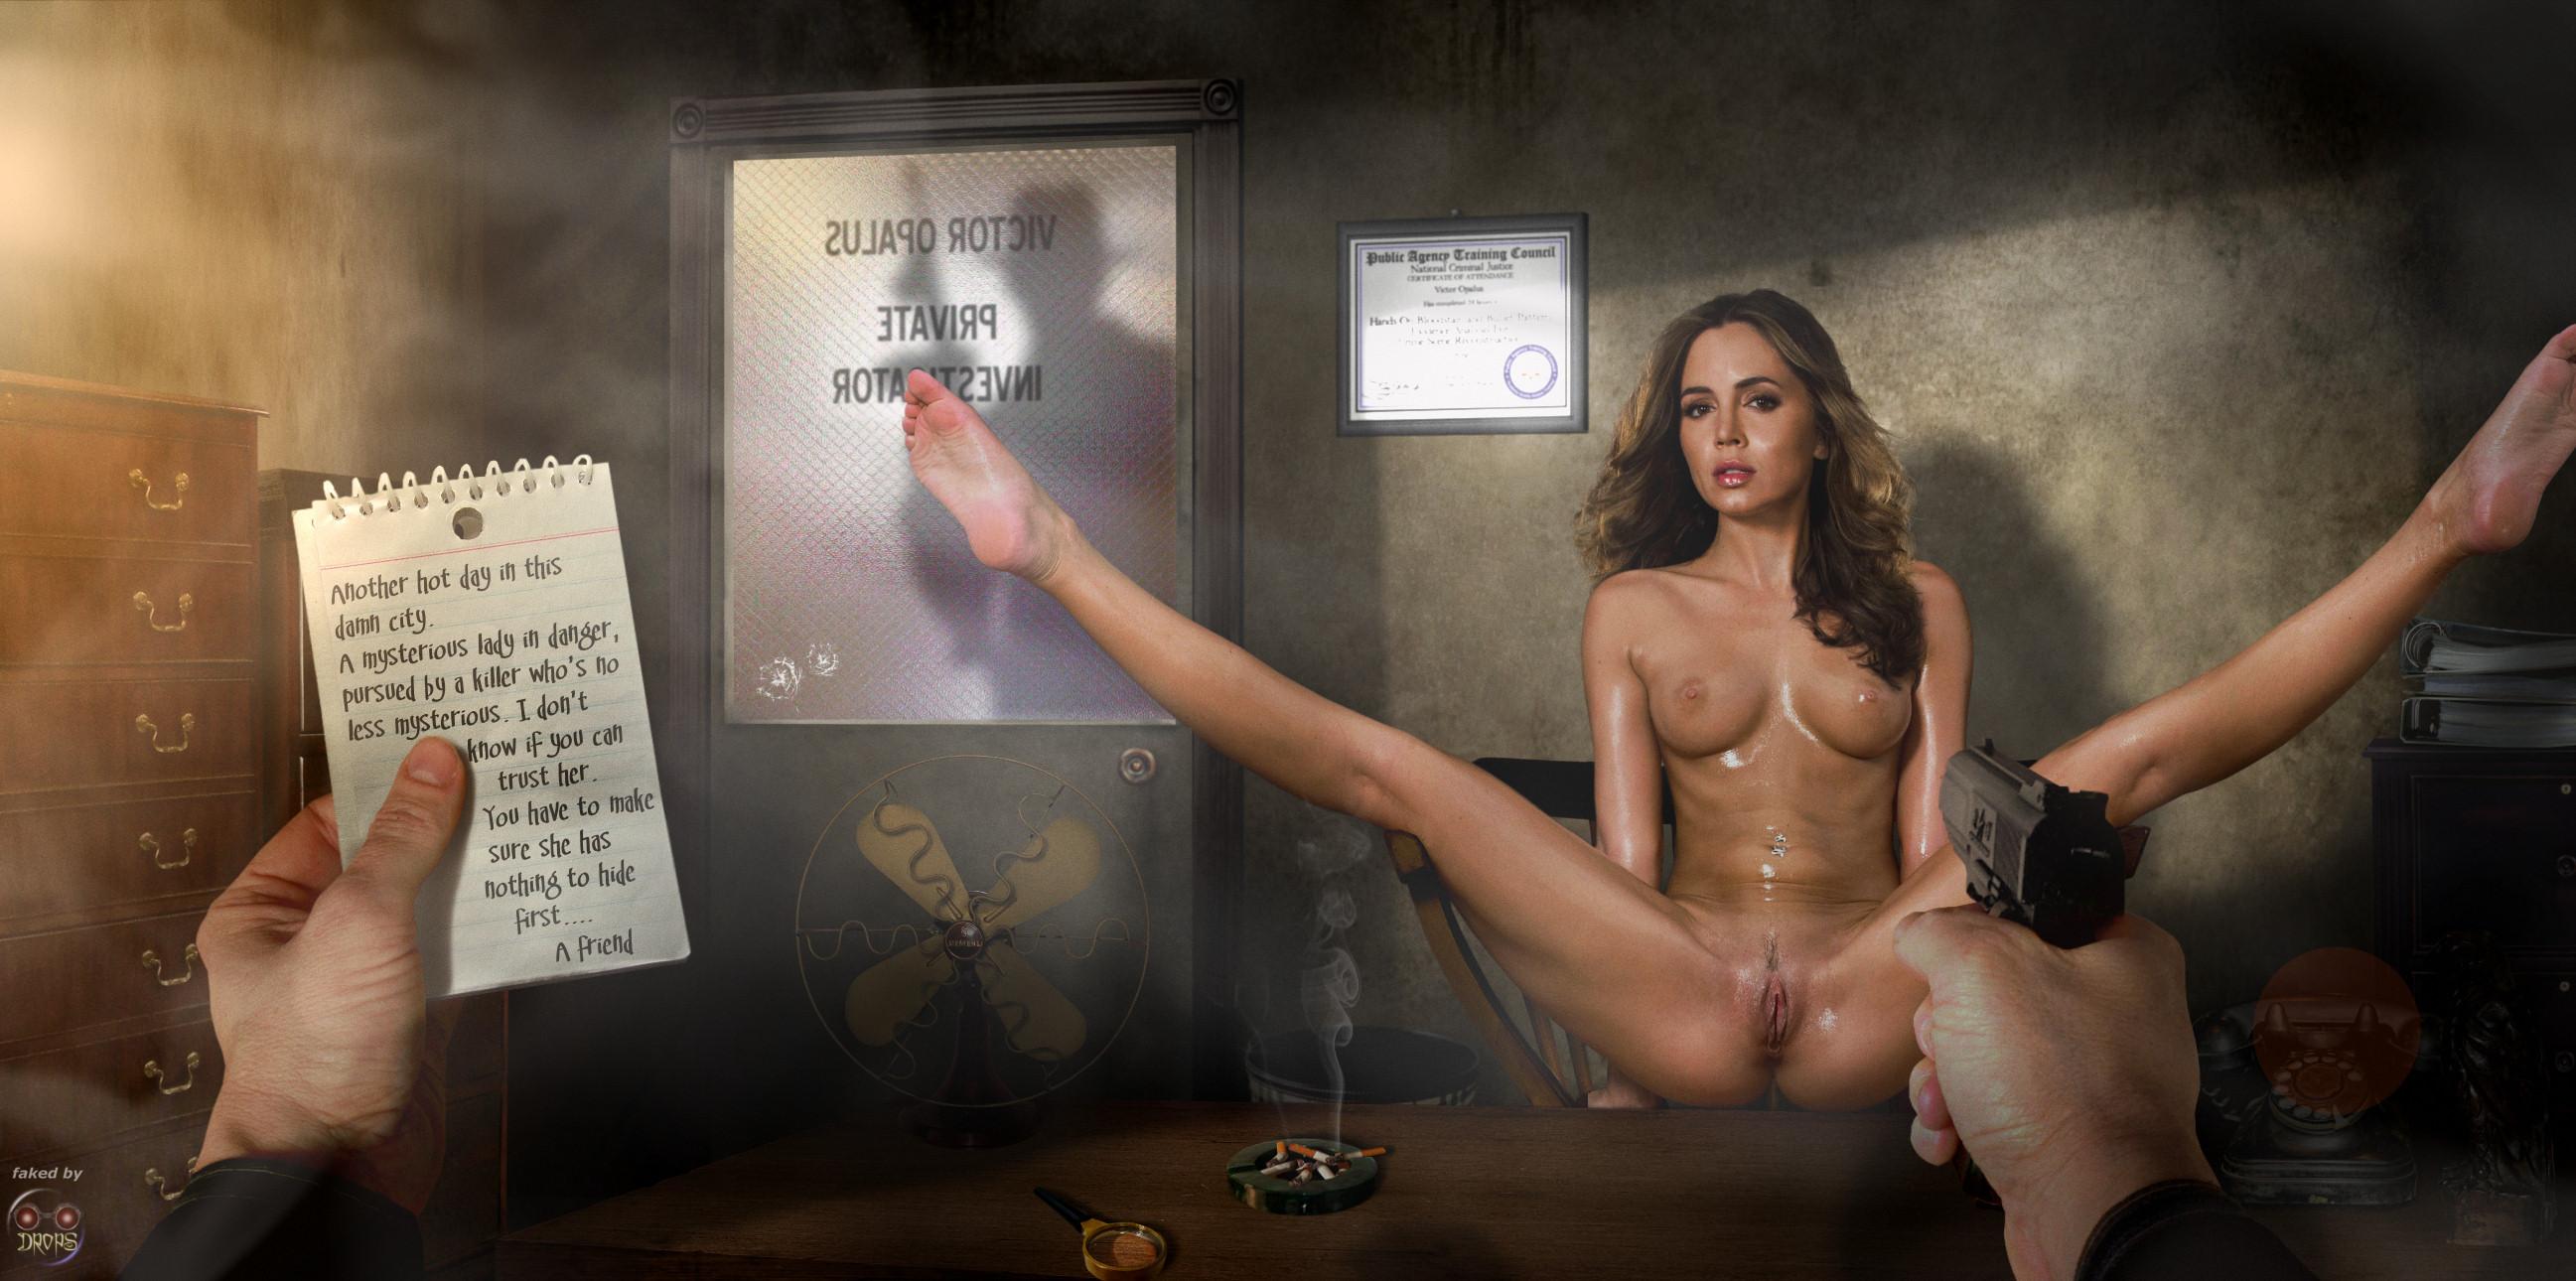 Eliza dushku nude fakes porn